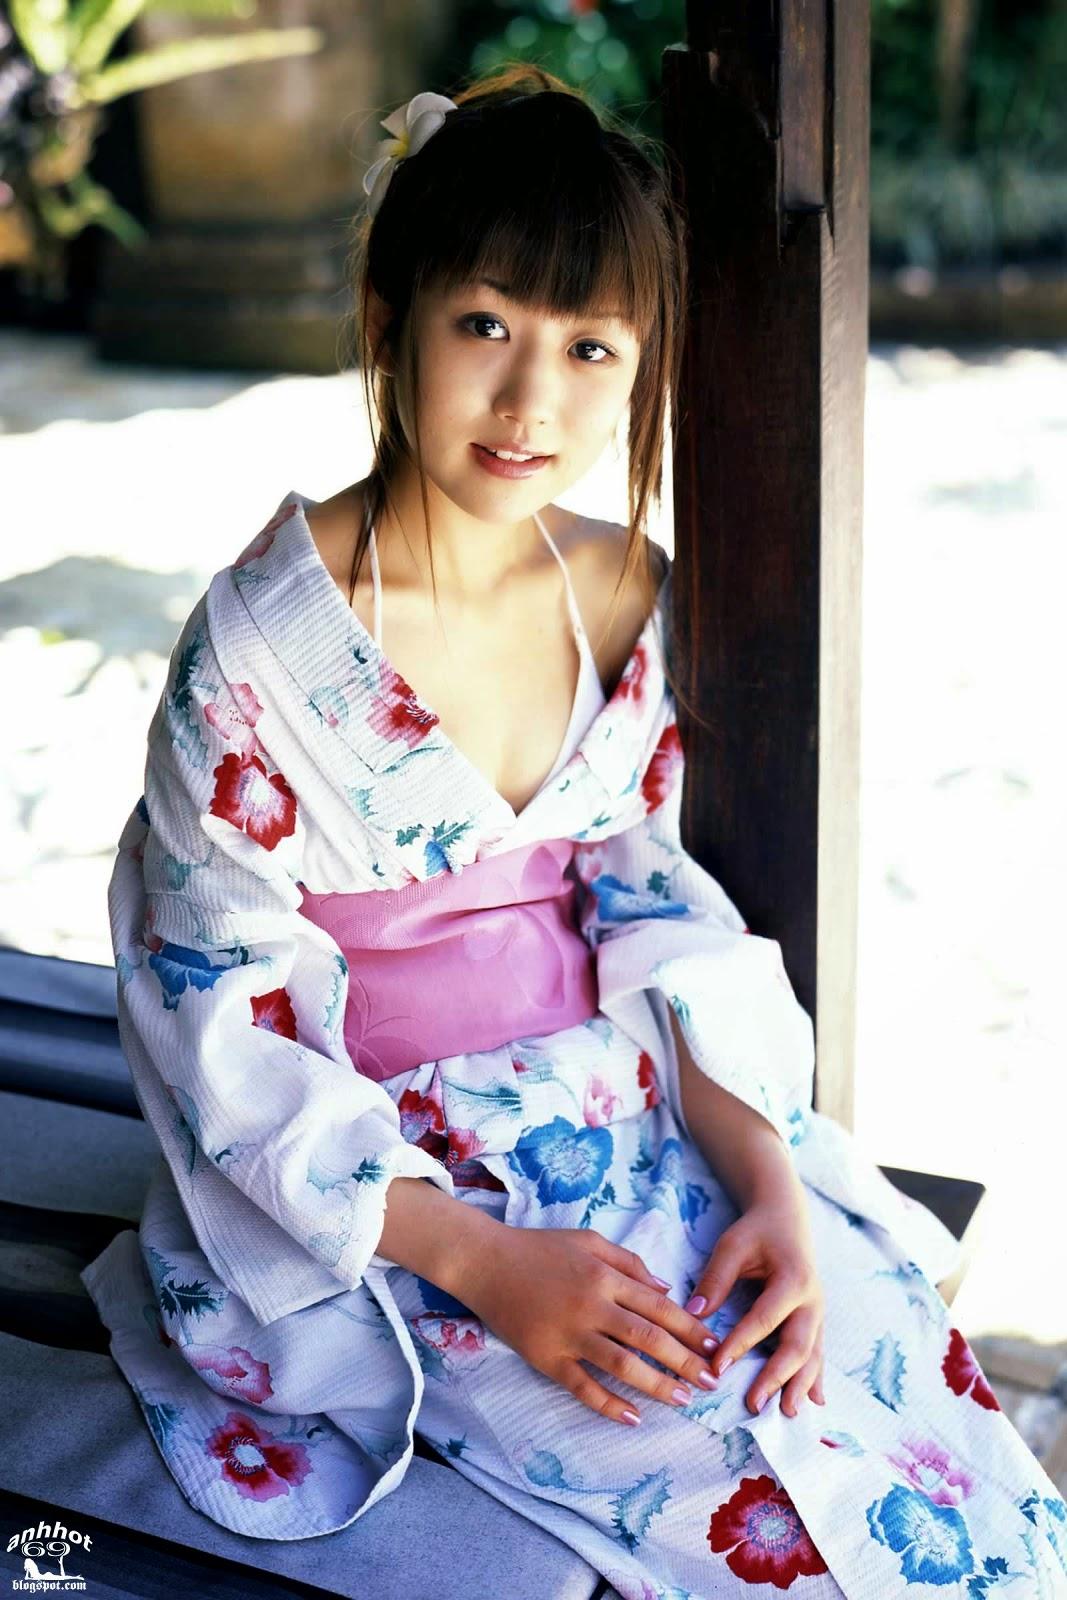 chise-nakamura-00462289